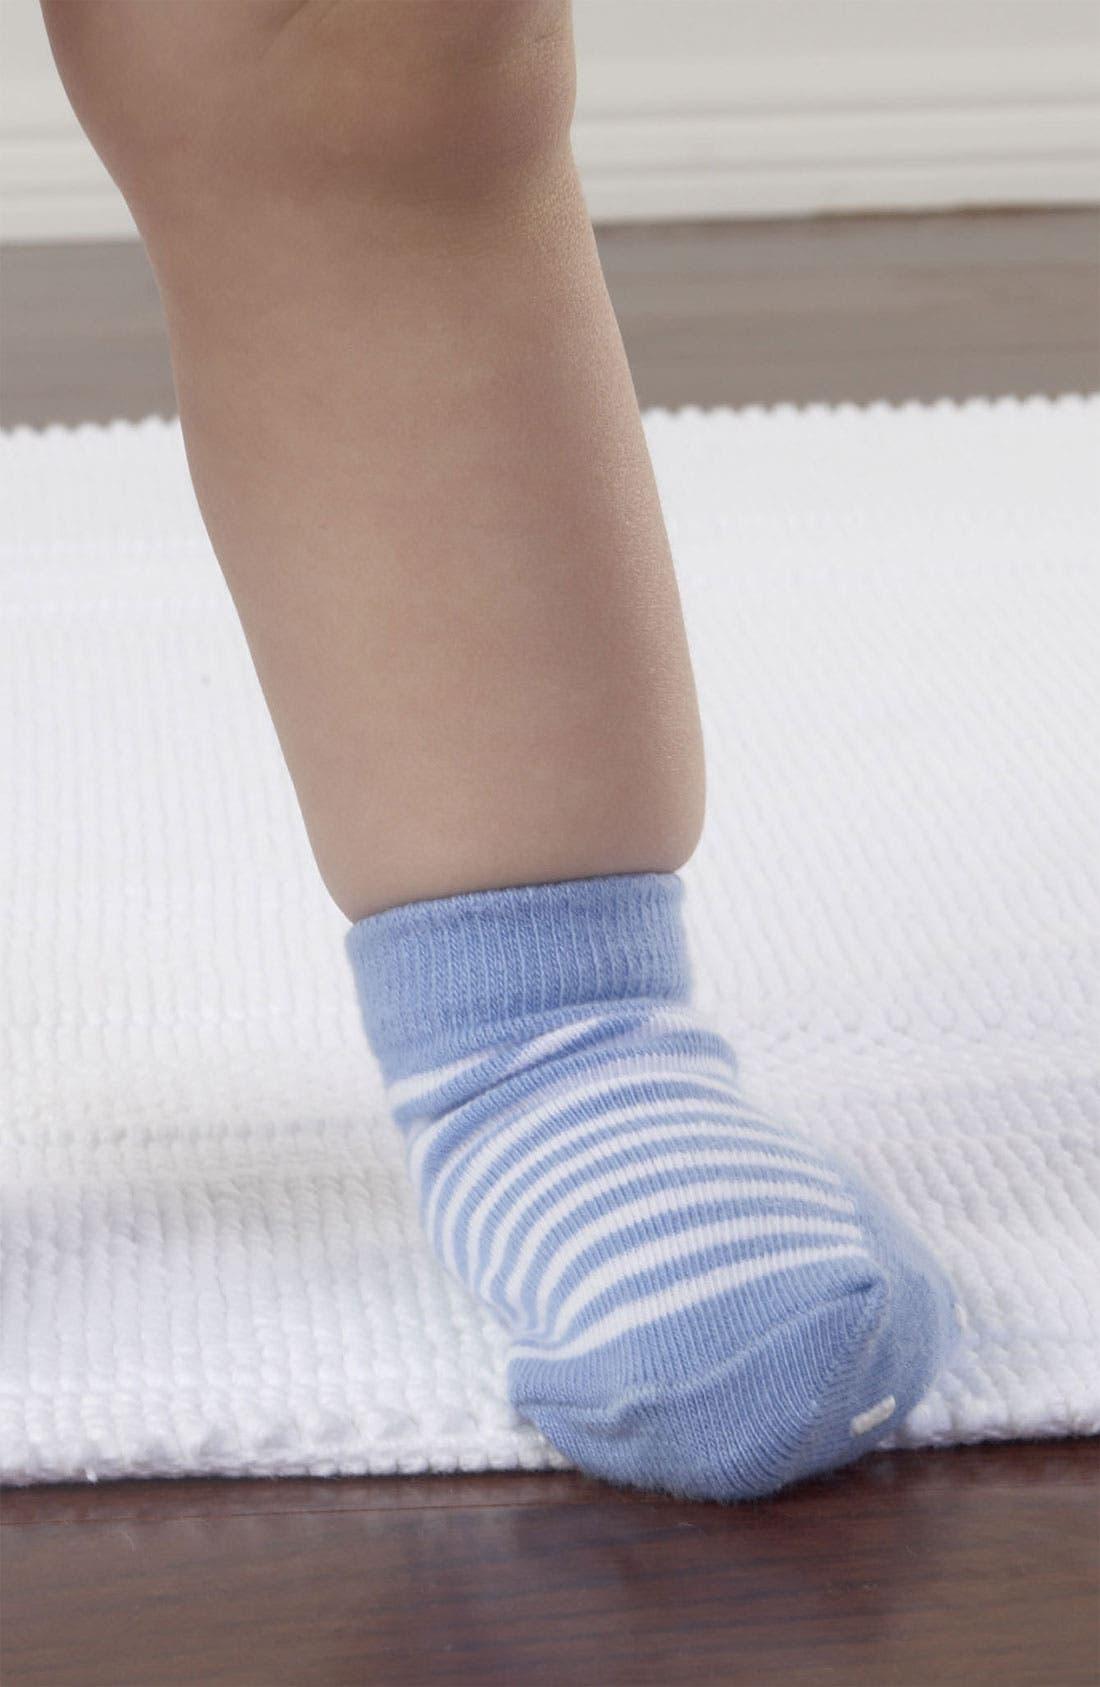 Alternate Image 2  - Baby Aspen 'Sweet Feet' Socks (3-Pack) (Infant)